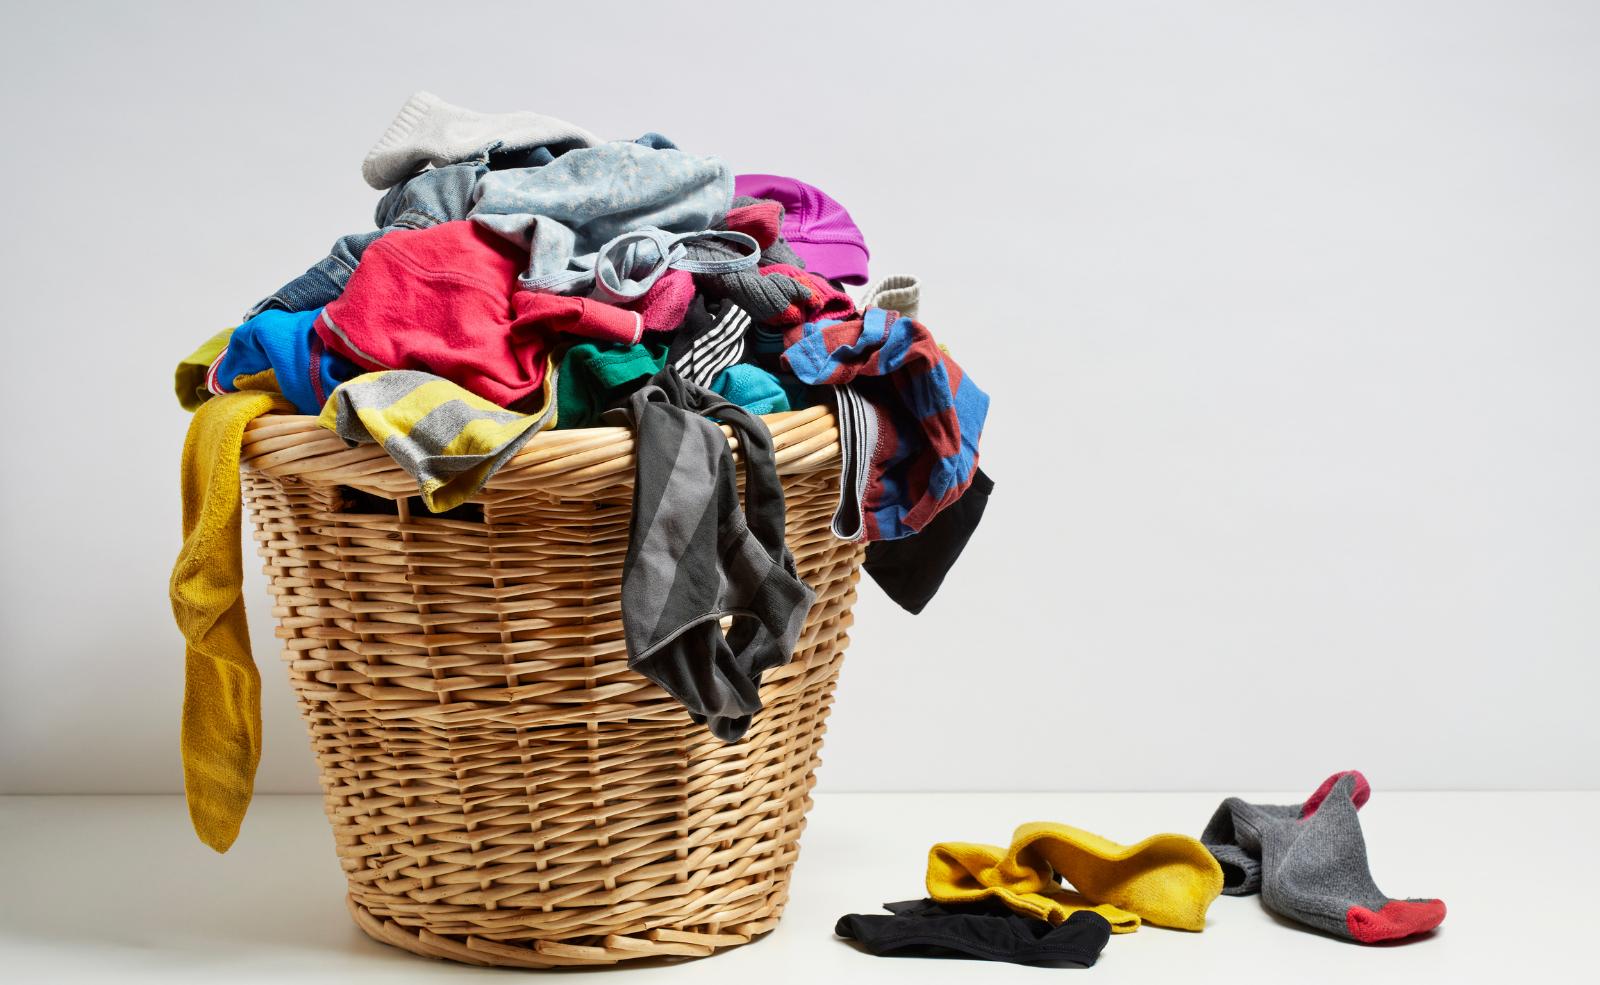 Das Vermeiden von defekten Waschmaschinen fängt schon bei der Wäsche an. Überprüfe Hosen, Pullover, etc. immer auf etwaige Gegenstände in den Taschen.